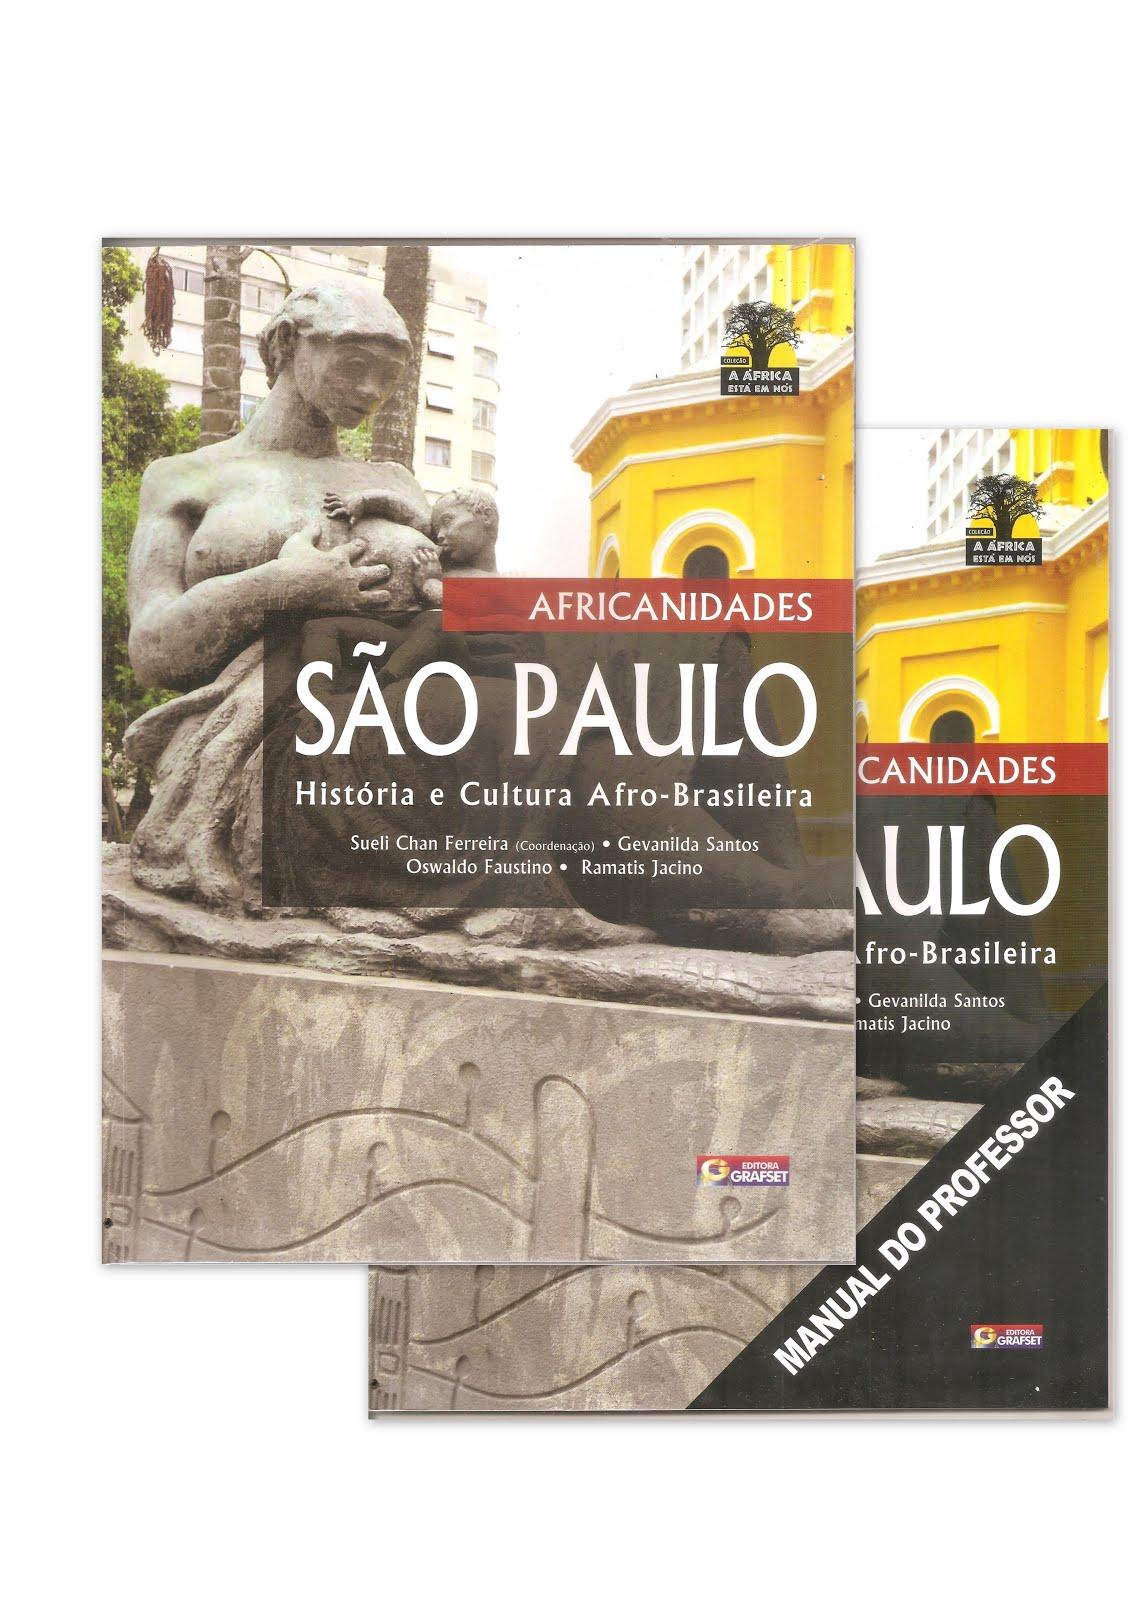 Africanidades São Paulo